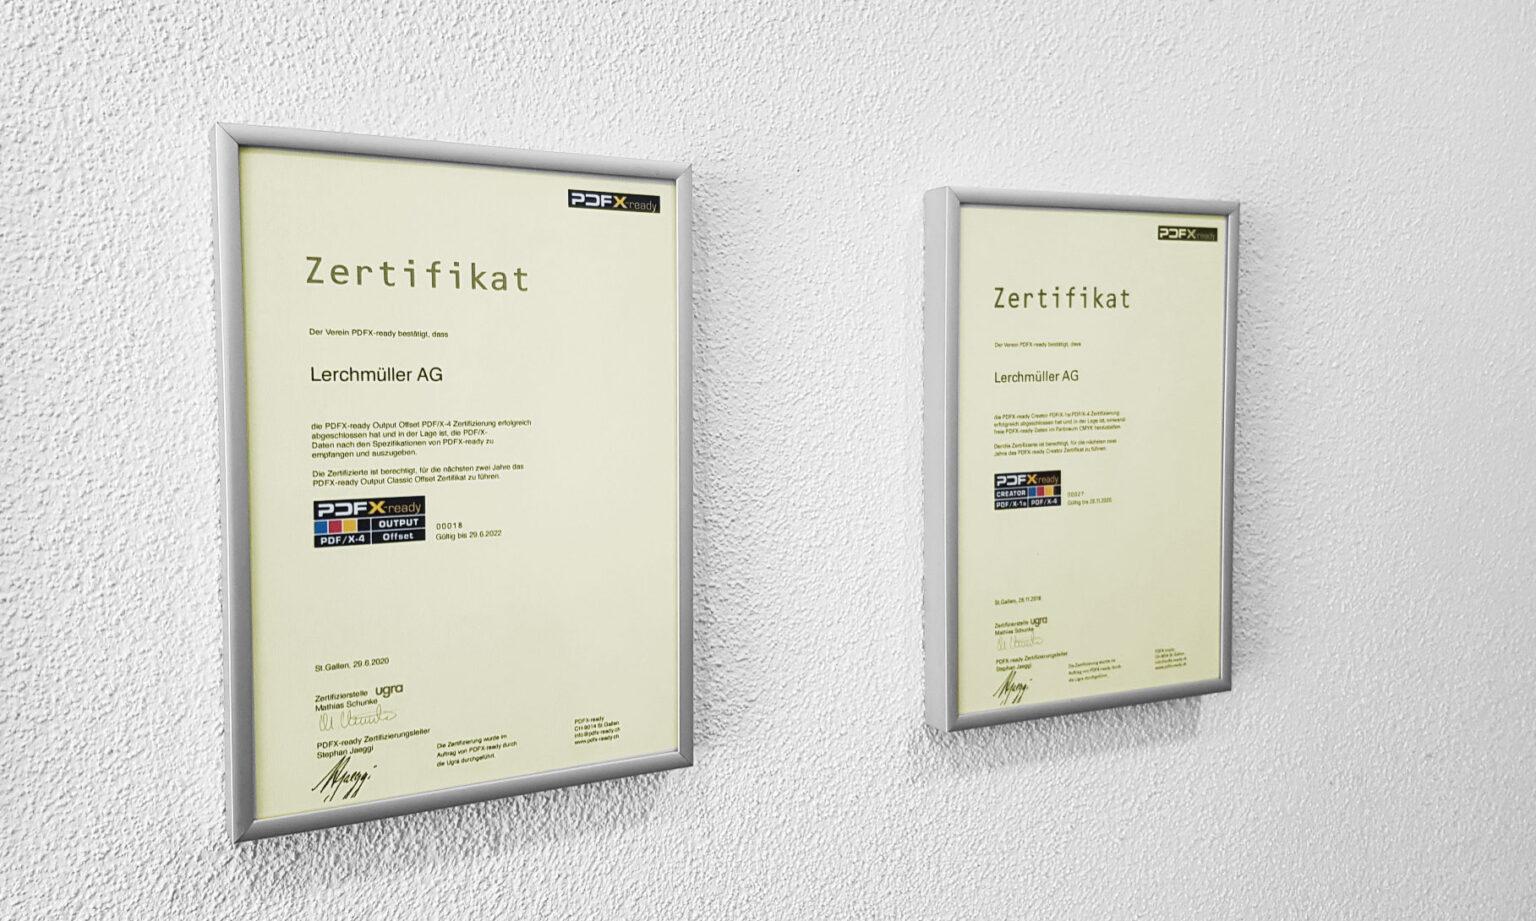 Zwei Zertifikate unserer Firma an der Wand.